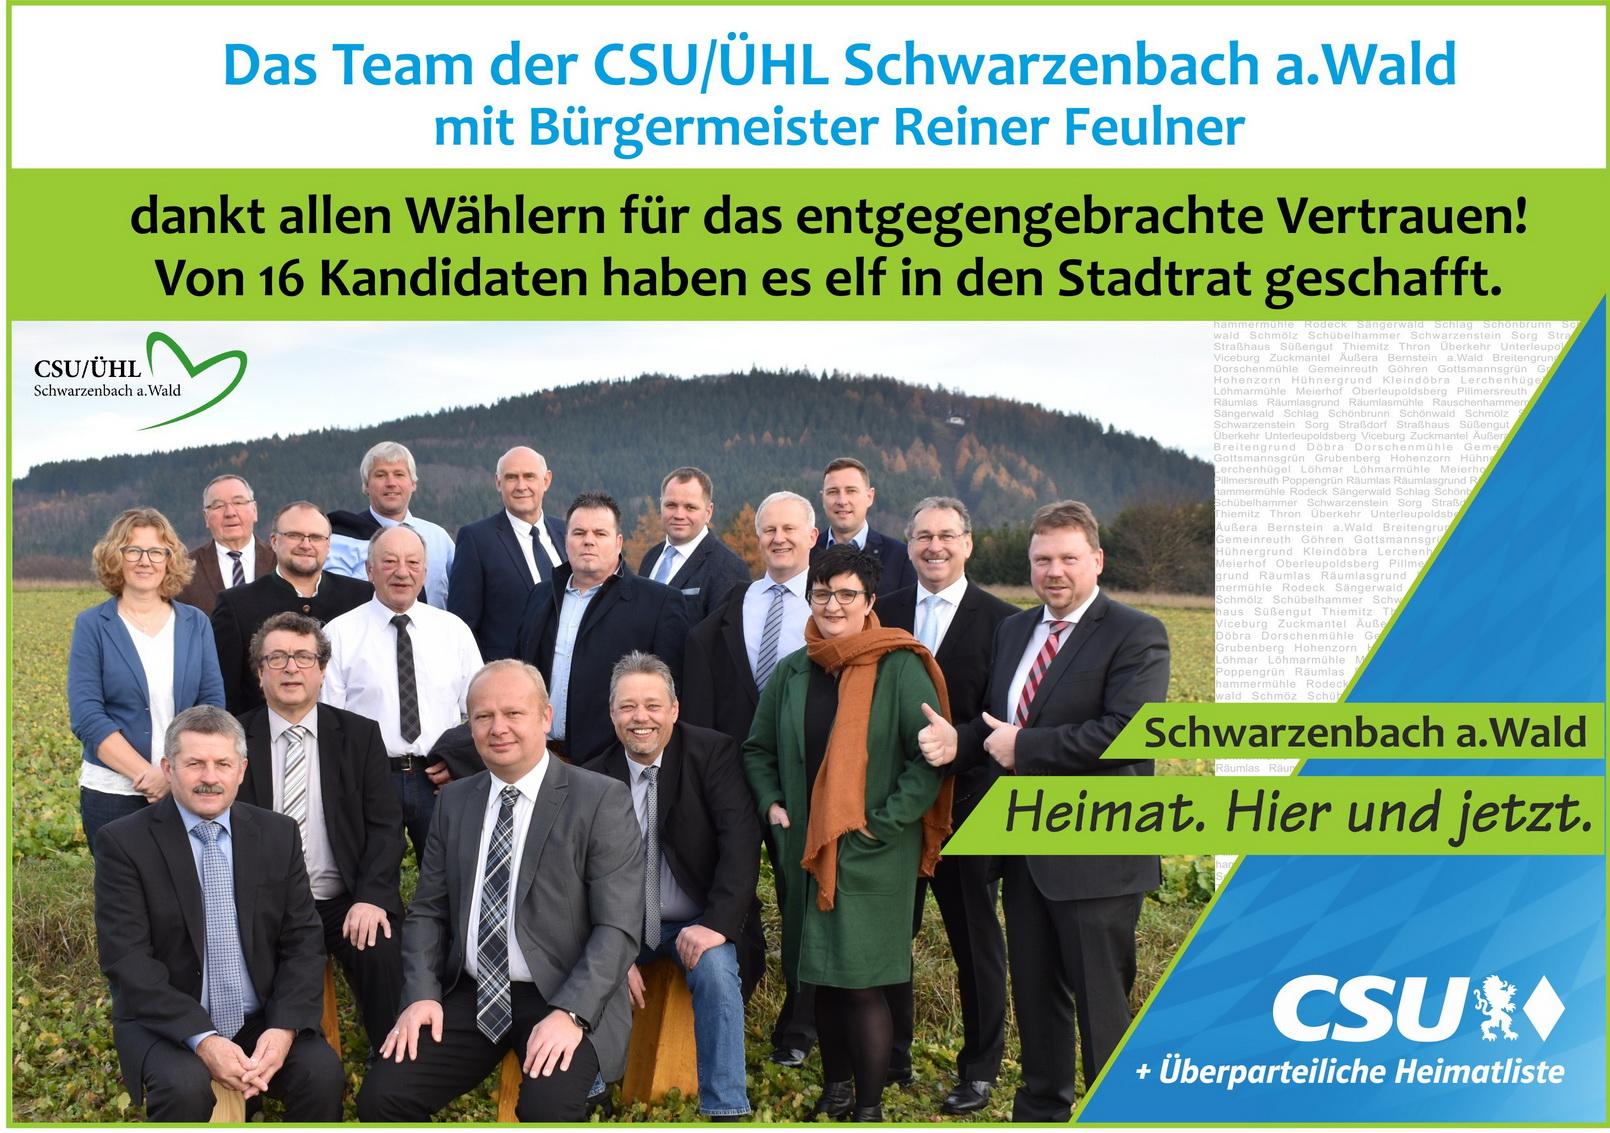 Das Team der CSU/ÜHL dankt allen Wählern